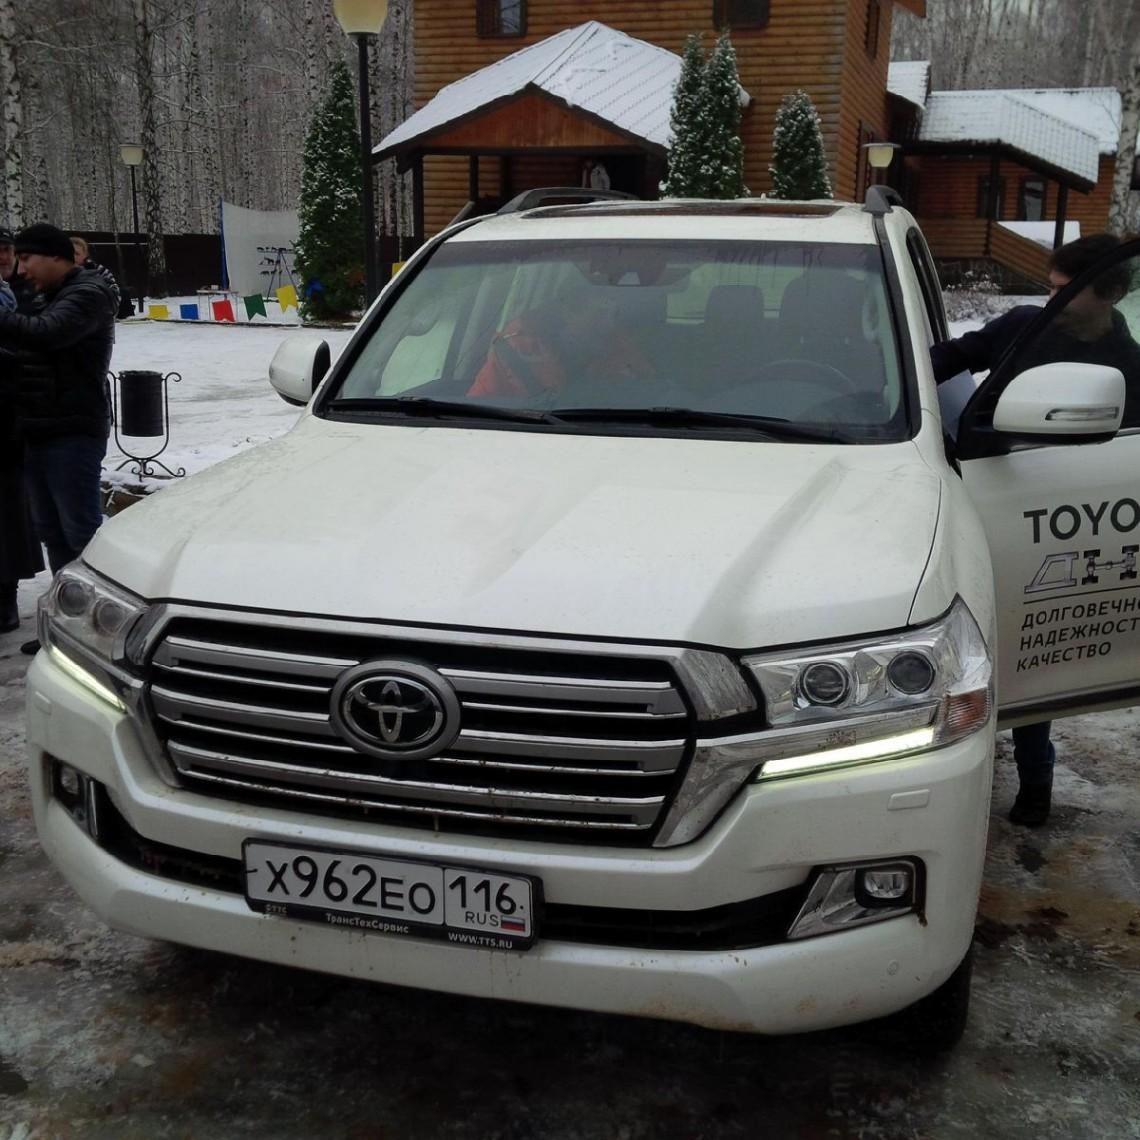 Toyota Land Cruiser 200. Внедорожная презентация в Охотничьем клубе